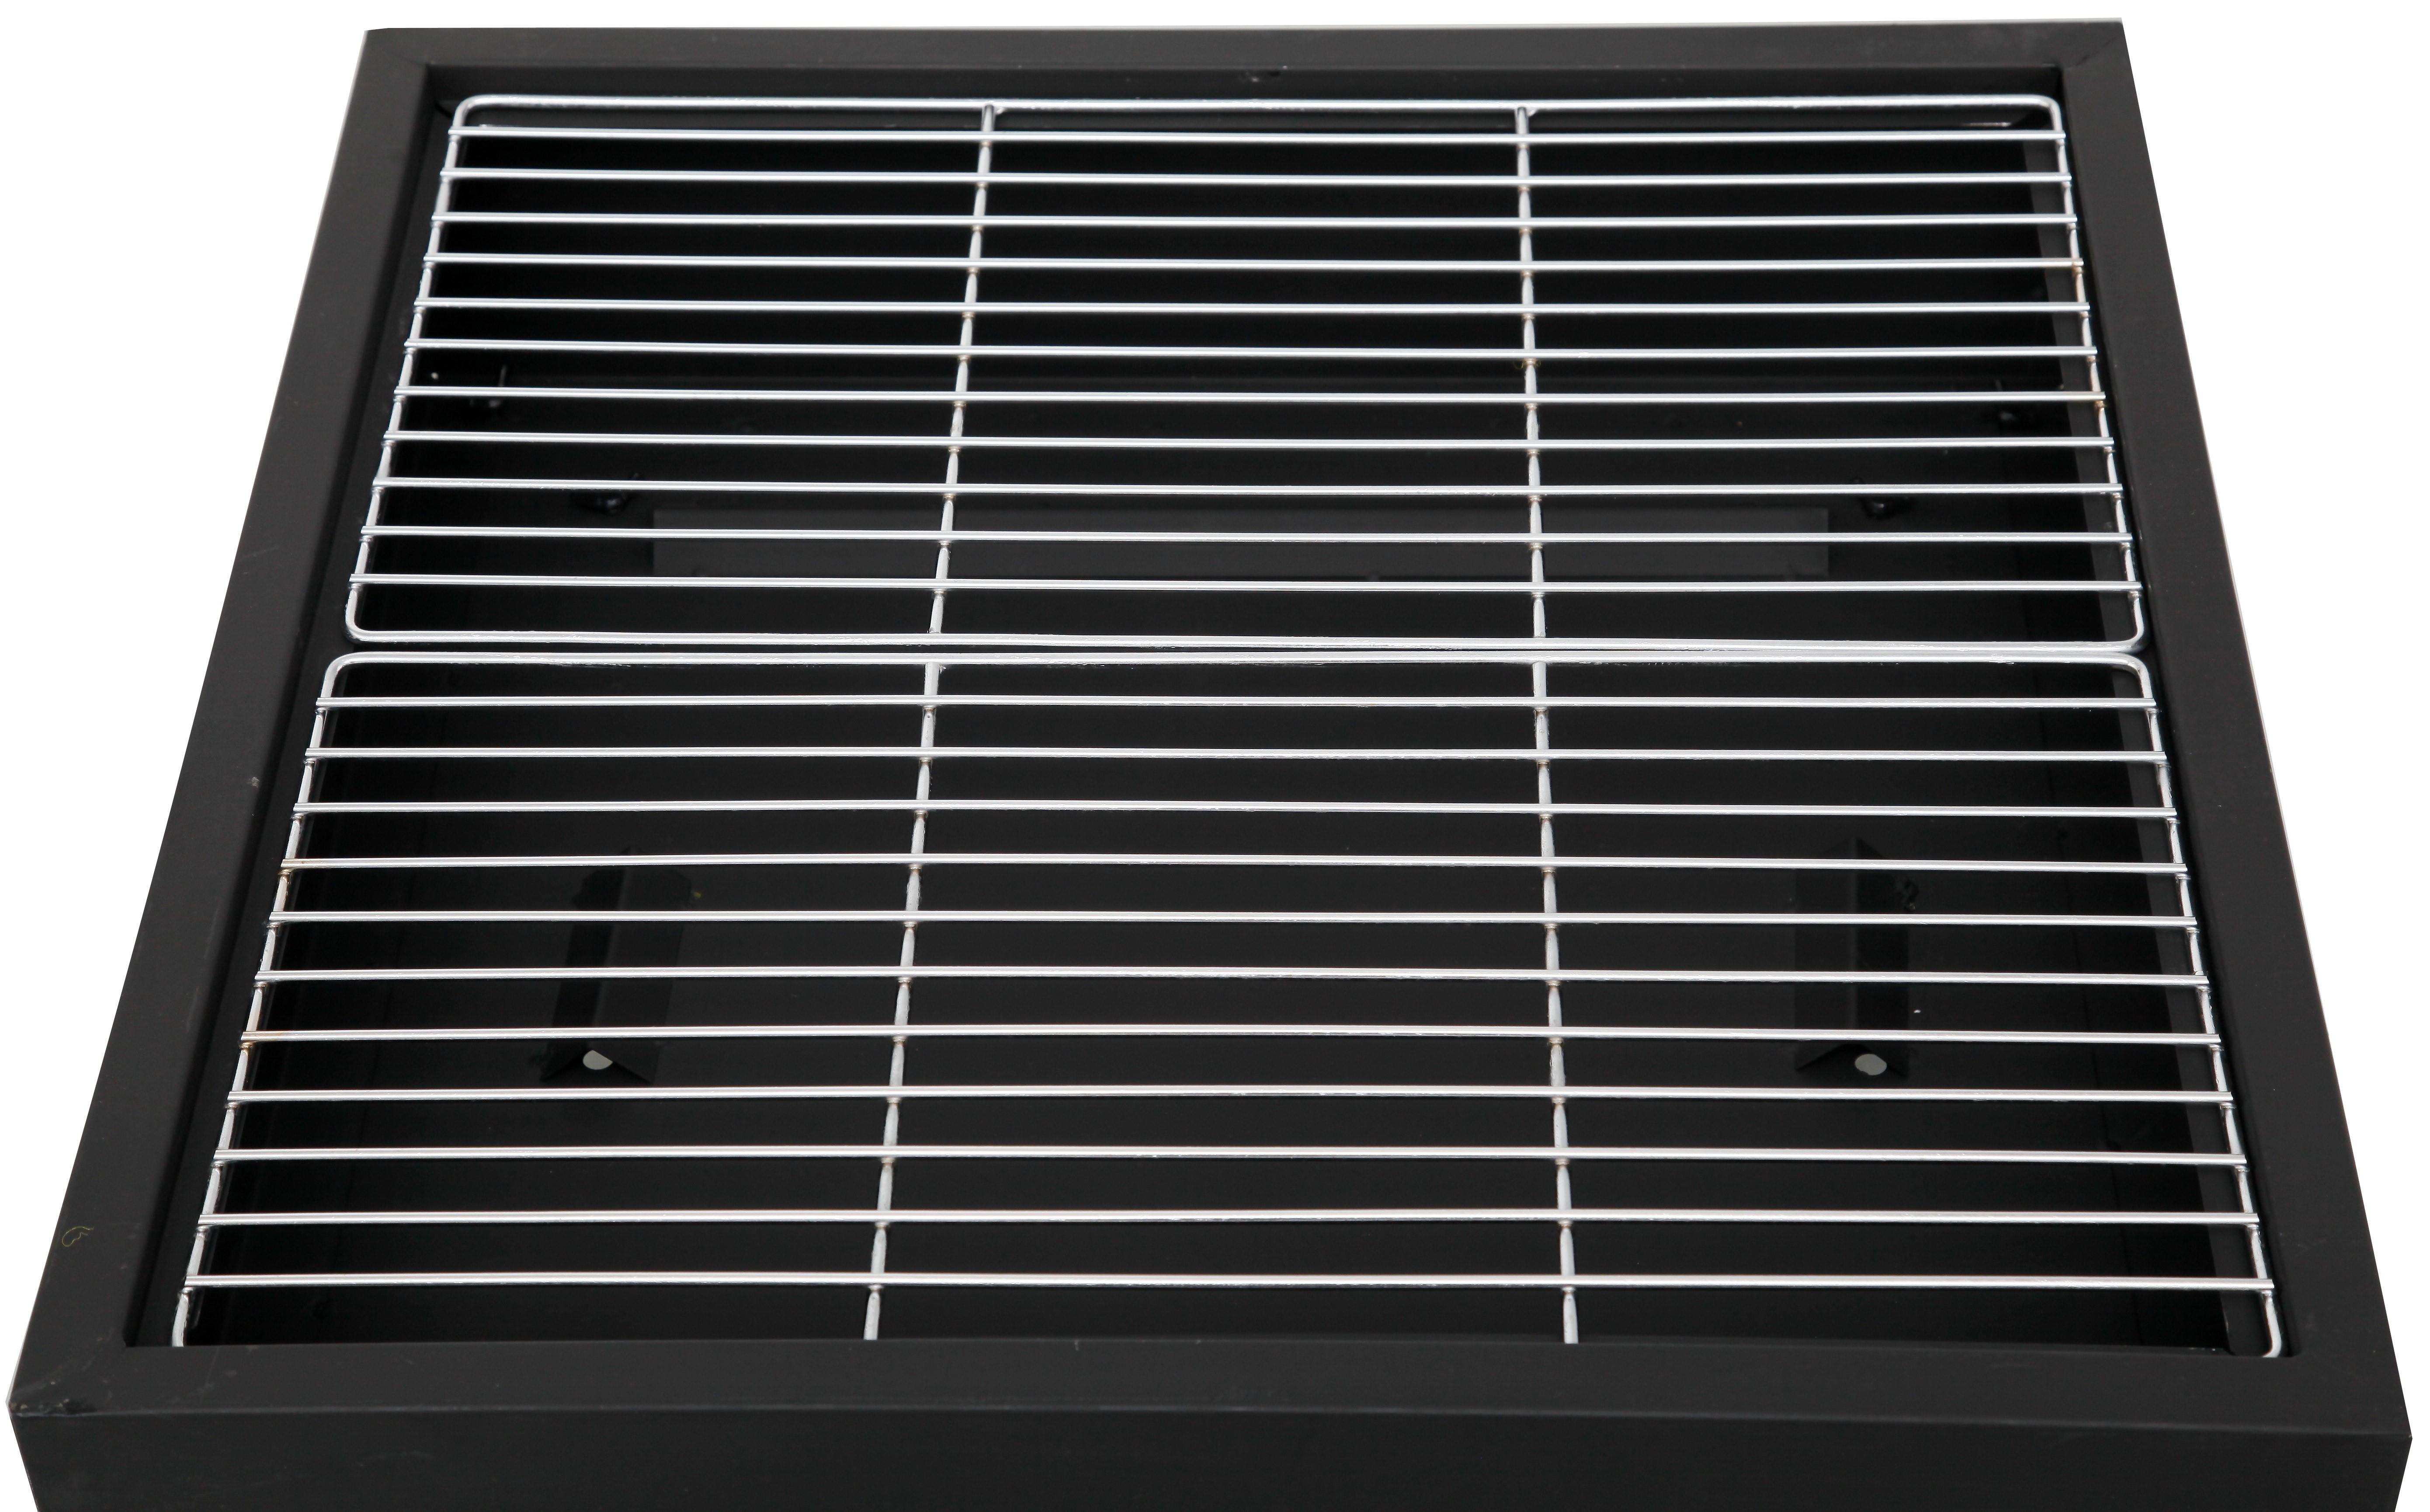 tepro feuerstelle feuerschale laredo mit grill grillfl che 55x55cm bei. Black Bedroom Furniture Sets. Home Design Ideas